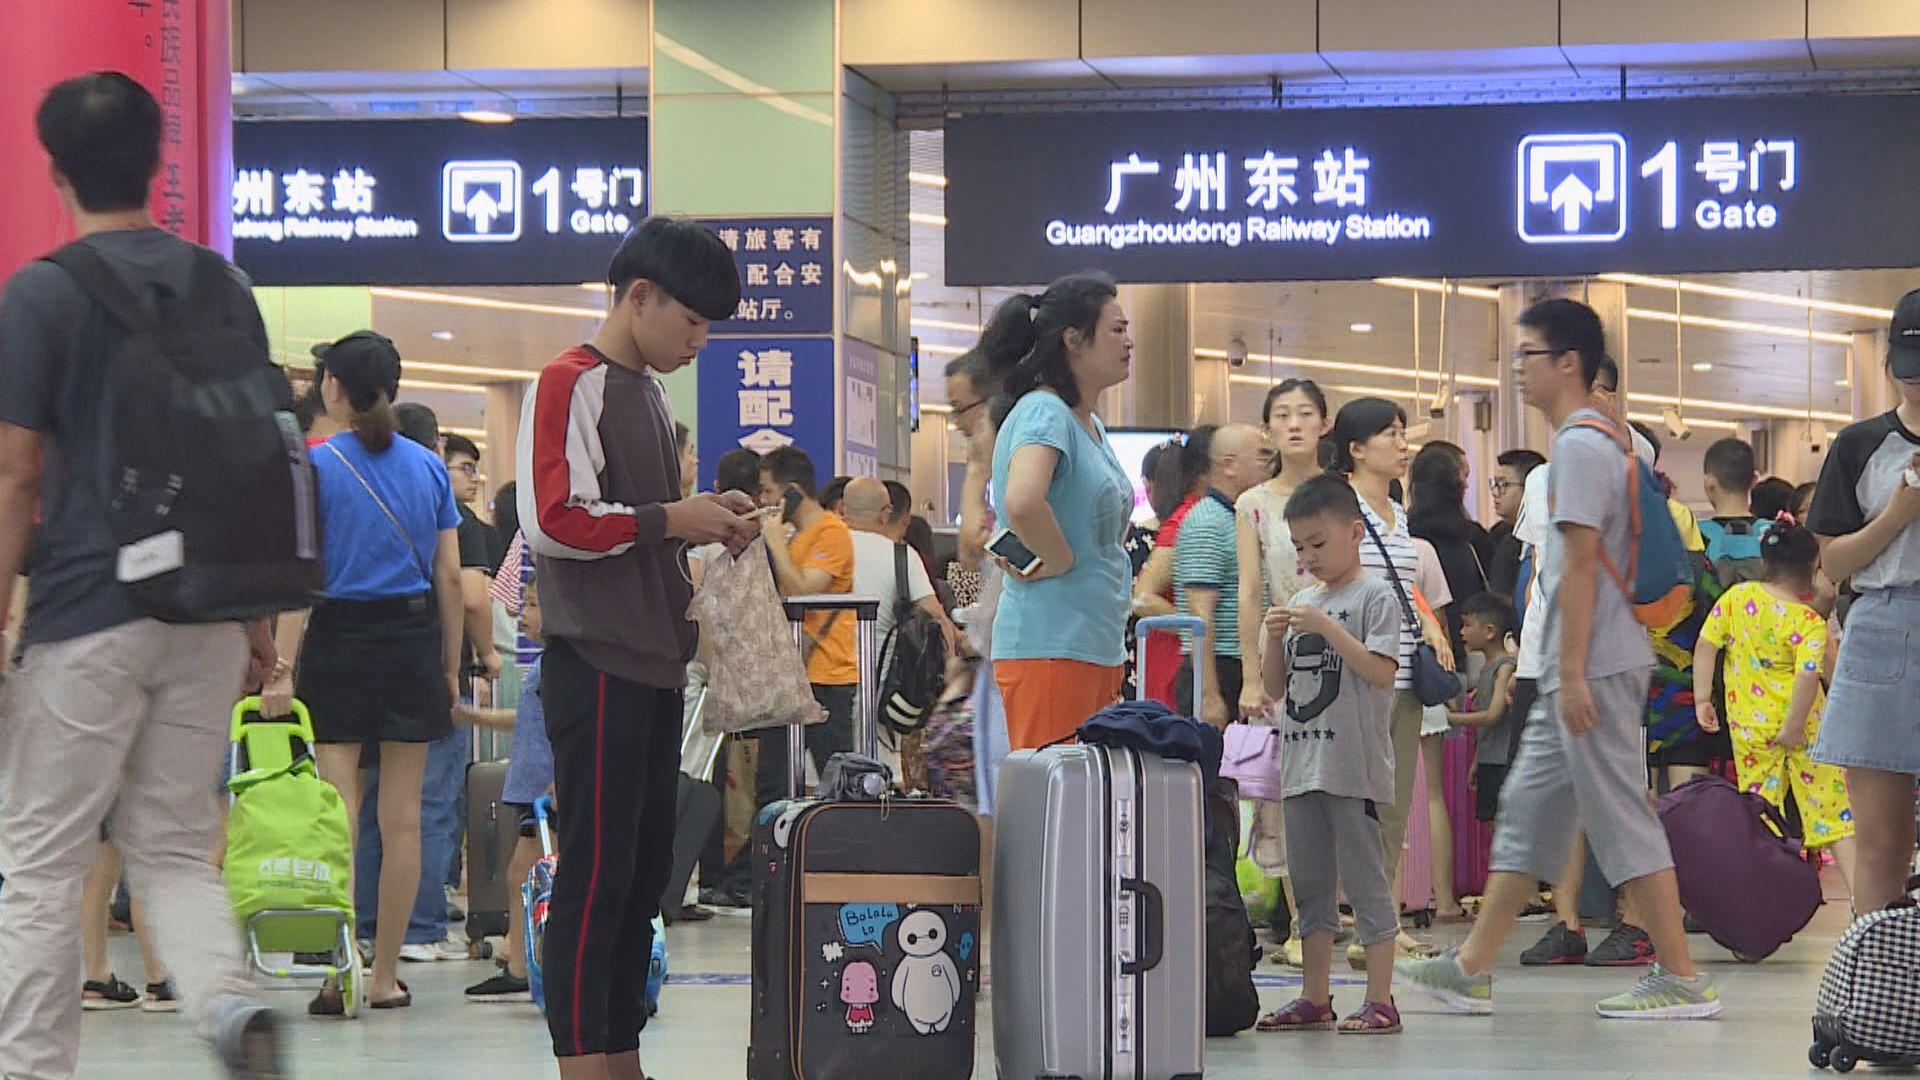 廣東省宣布多項措施應對疫情